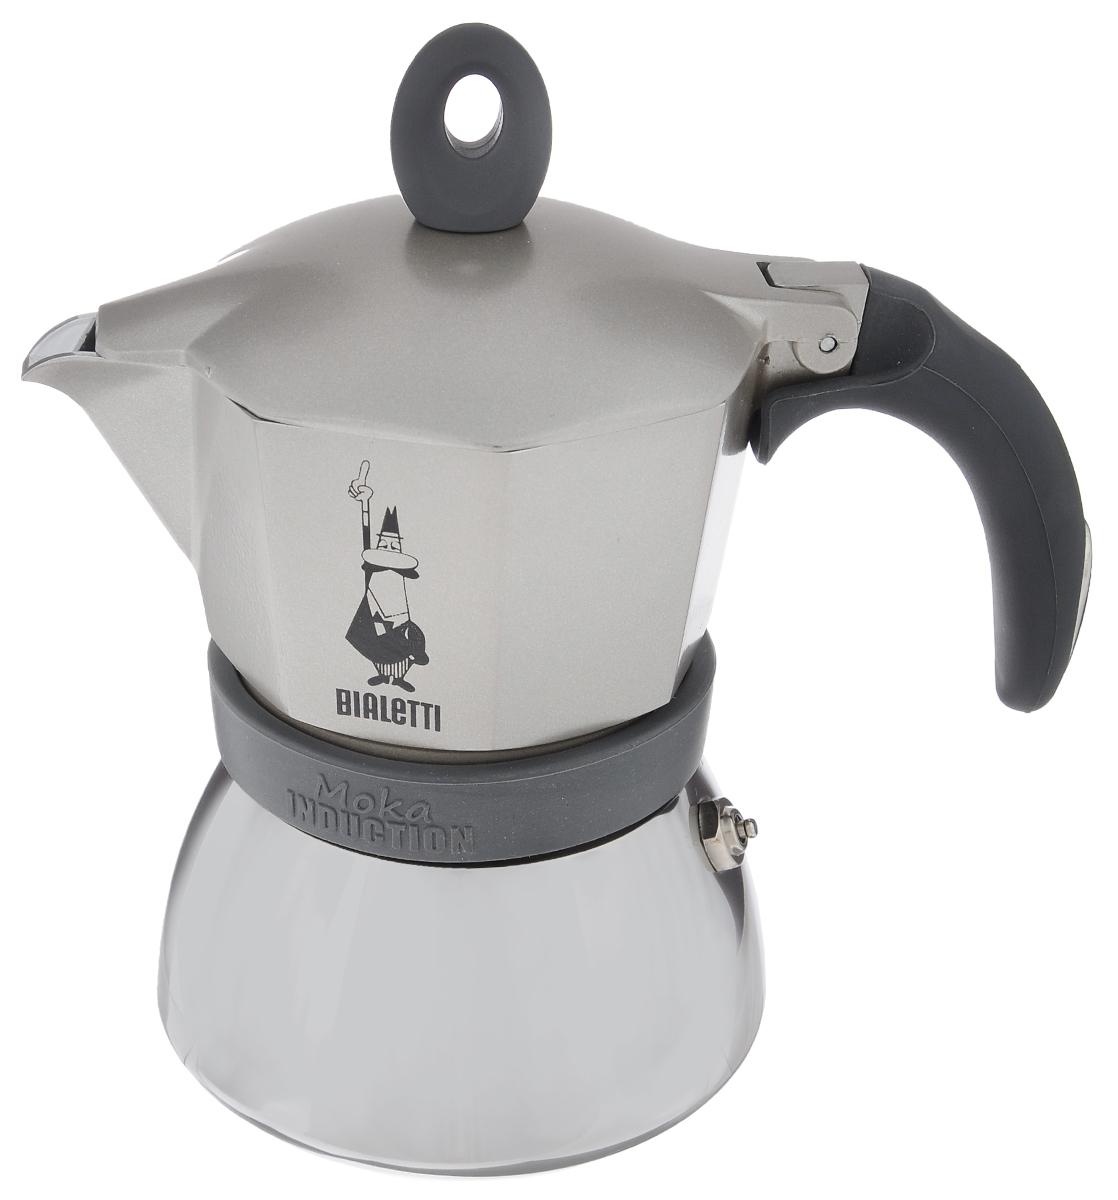 Кофеварка гейзерная Bialetti Moka Induction, цвет: серый, на 3 чашки4832Компактная гейзерная кофеварка Bialetti Moka Induction изготовлена из высококачественного алюминия и стали. Объема кофе хватает на 3 чашки. Изделие оснащено удобной обрезиненной ручкой. Принцип работы такой гейзерной кофеварки - кофе заваривается путем многократного прохождения горячей воды или пара через слой молотого кофе. Удобство кофеварки в том, что вся кофейная гуща остается во внутренней емкости. Гейзерные кофеварки пользуются большой популярностью благодаря изысканному аромату. Кофе получается крепкий и насыщенный. Теперь и дома вы сможете насладиться великолепным эспрессо. Подходит для газовых, электрических, стеклокерамических индукционных плит. Нельзя мыть в посудомоечной машине. Высота (с учетом крышки): 17 см.